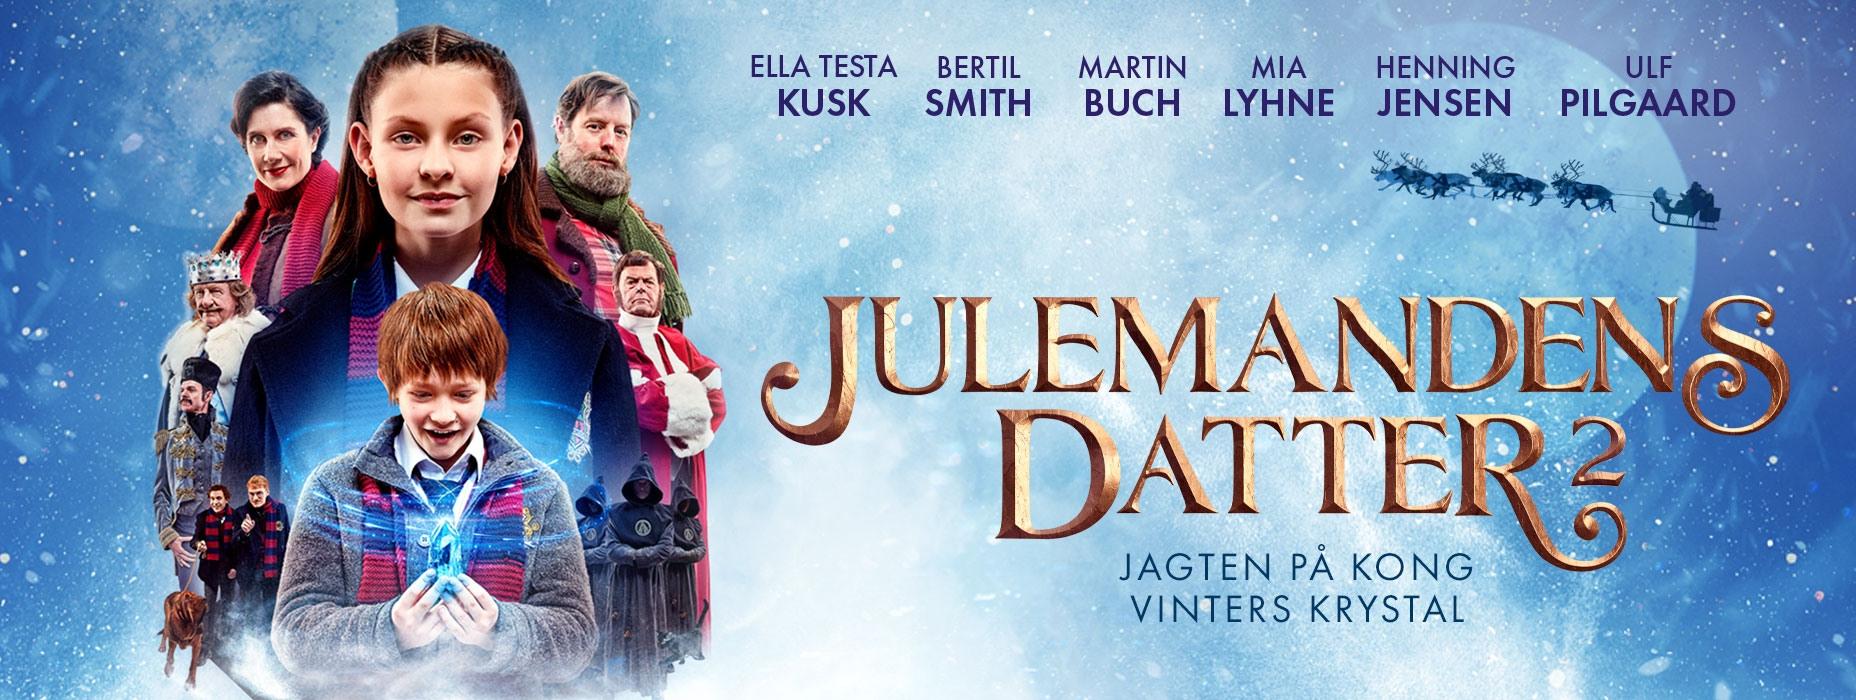 JULEMANDENS DATTER 2 – Jagten på Kong Vinters Krystal